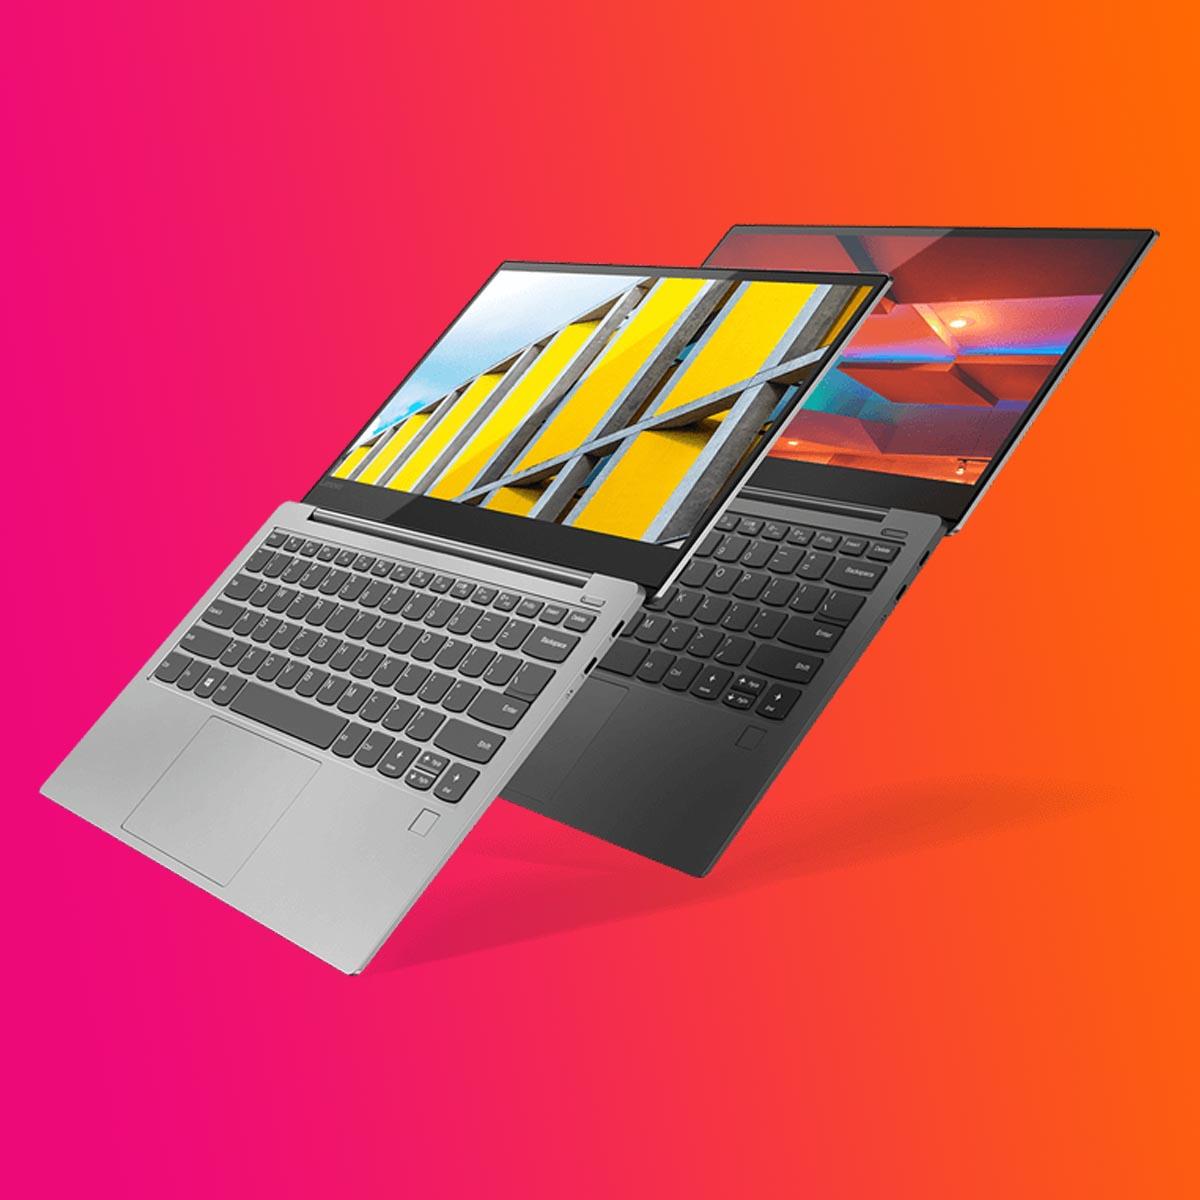 ТОП-10 Лучшие ноутбуки трансформеры 2021 года